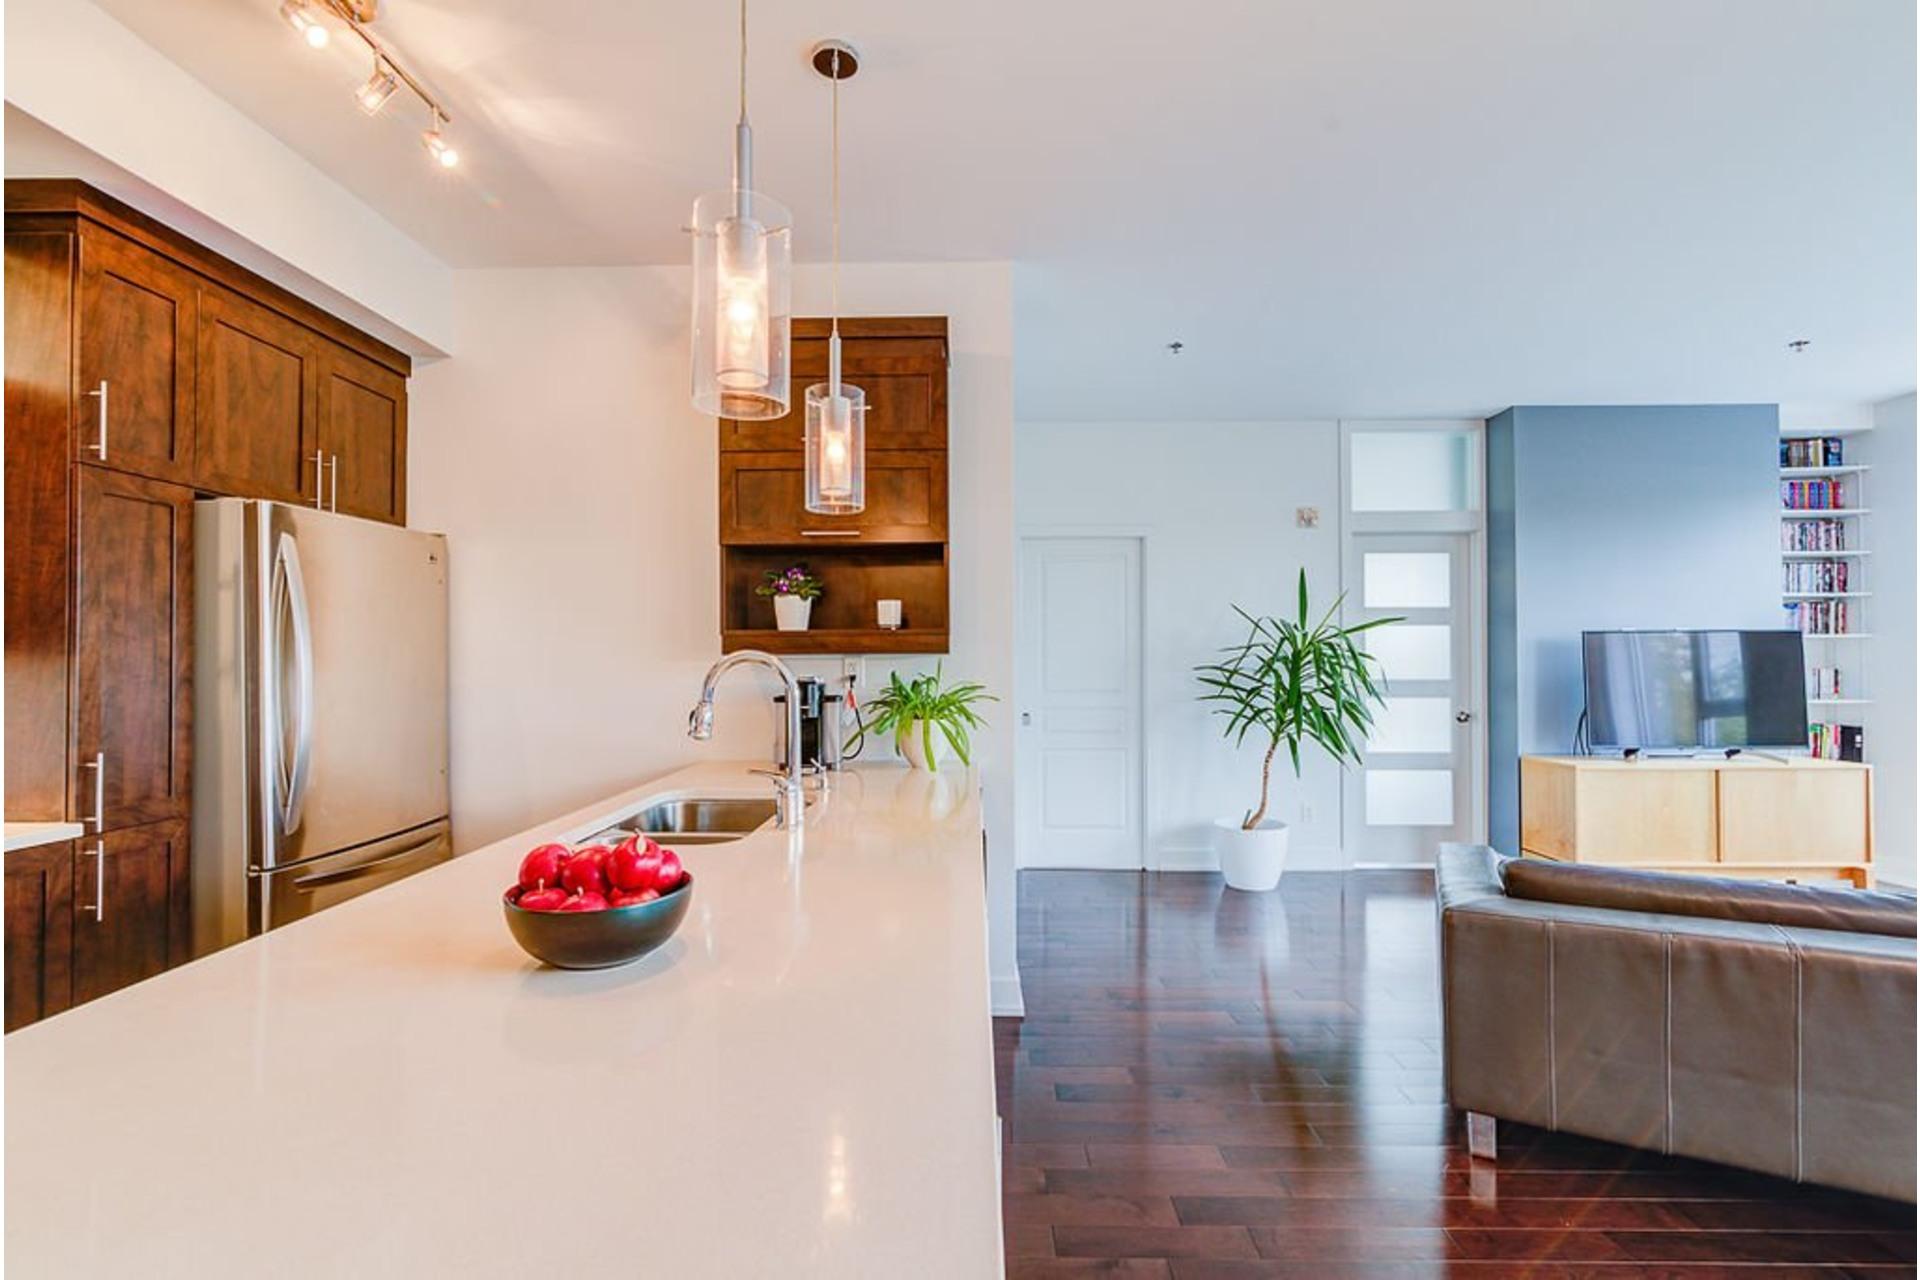 image 13 - Appartement À vendre Villeray/Saint-Michel/Parc-Extension Montréal  - 6 pièces